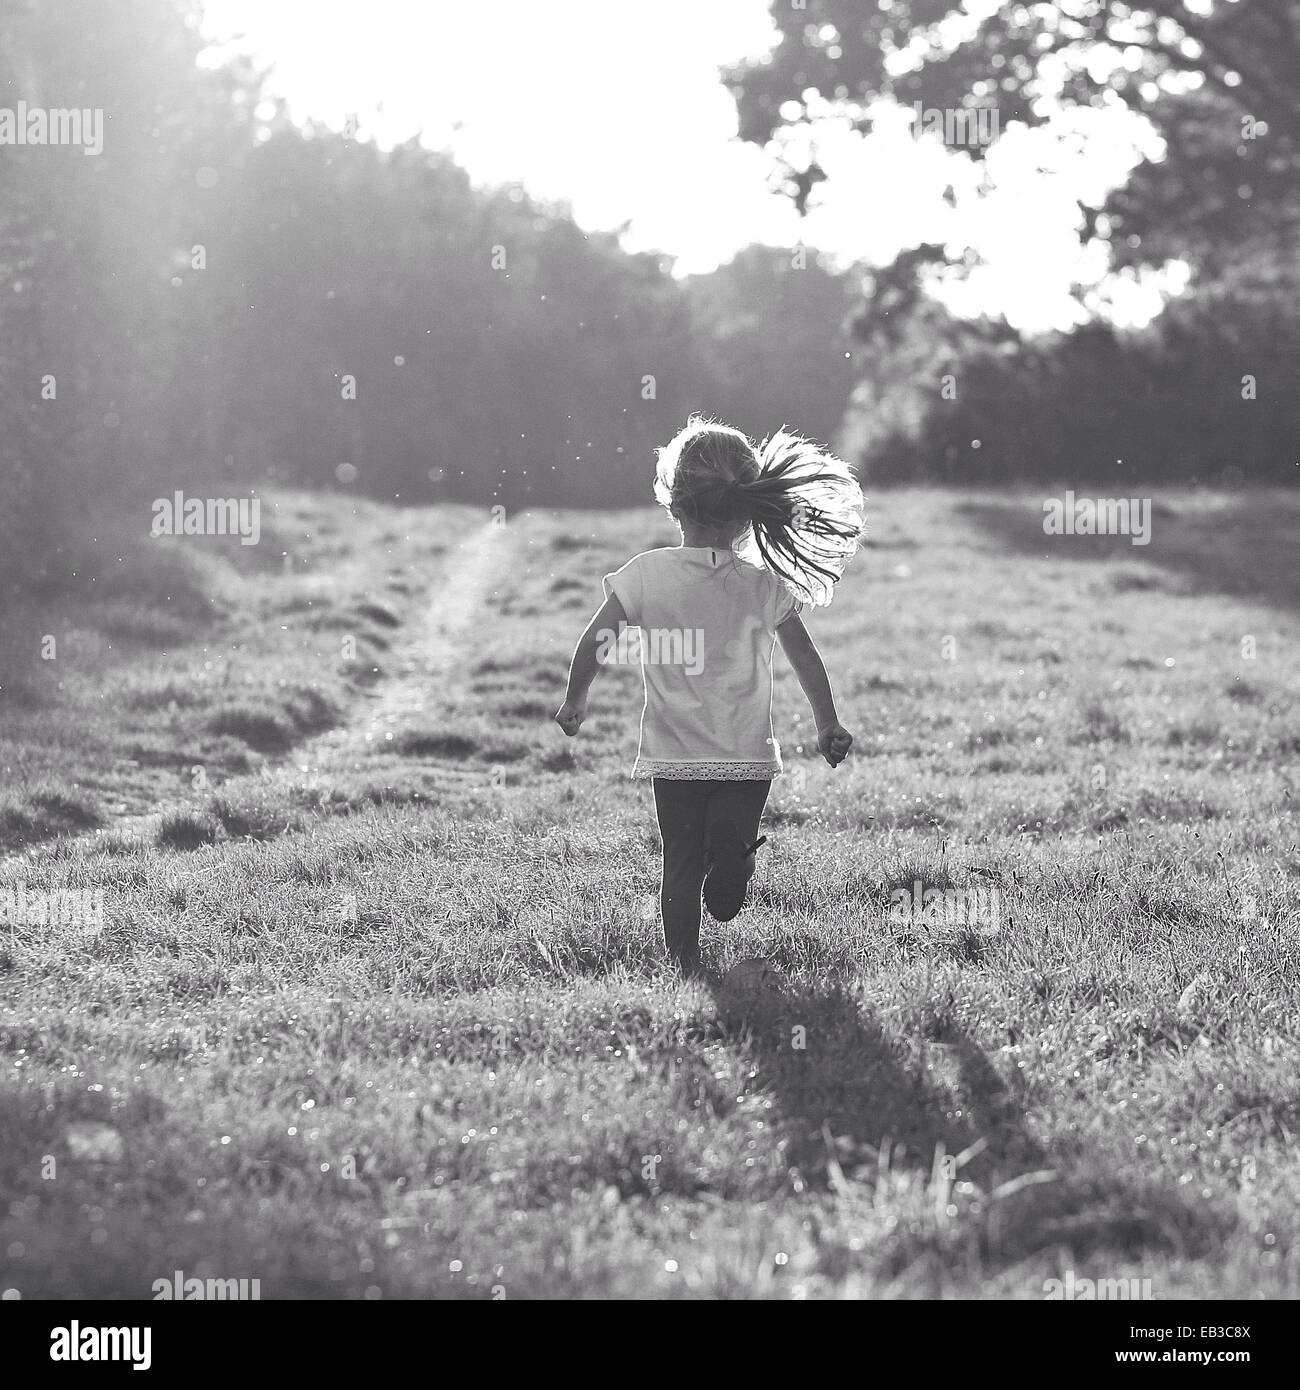 Rückansicht des Mädchen laufen in ländlichen Landschaft Stockbild